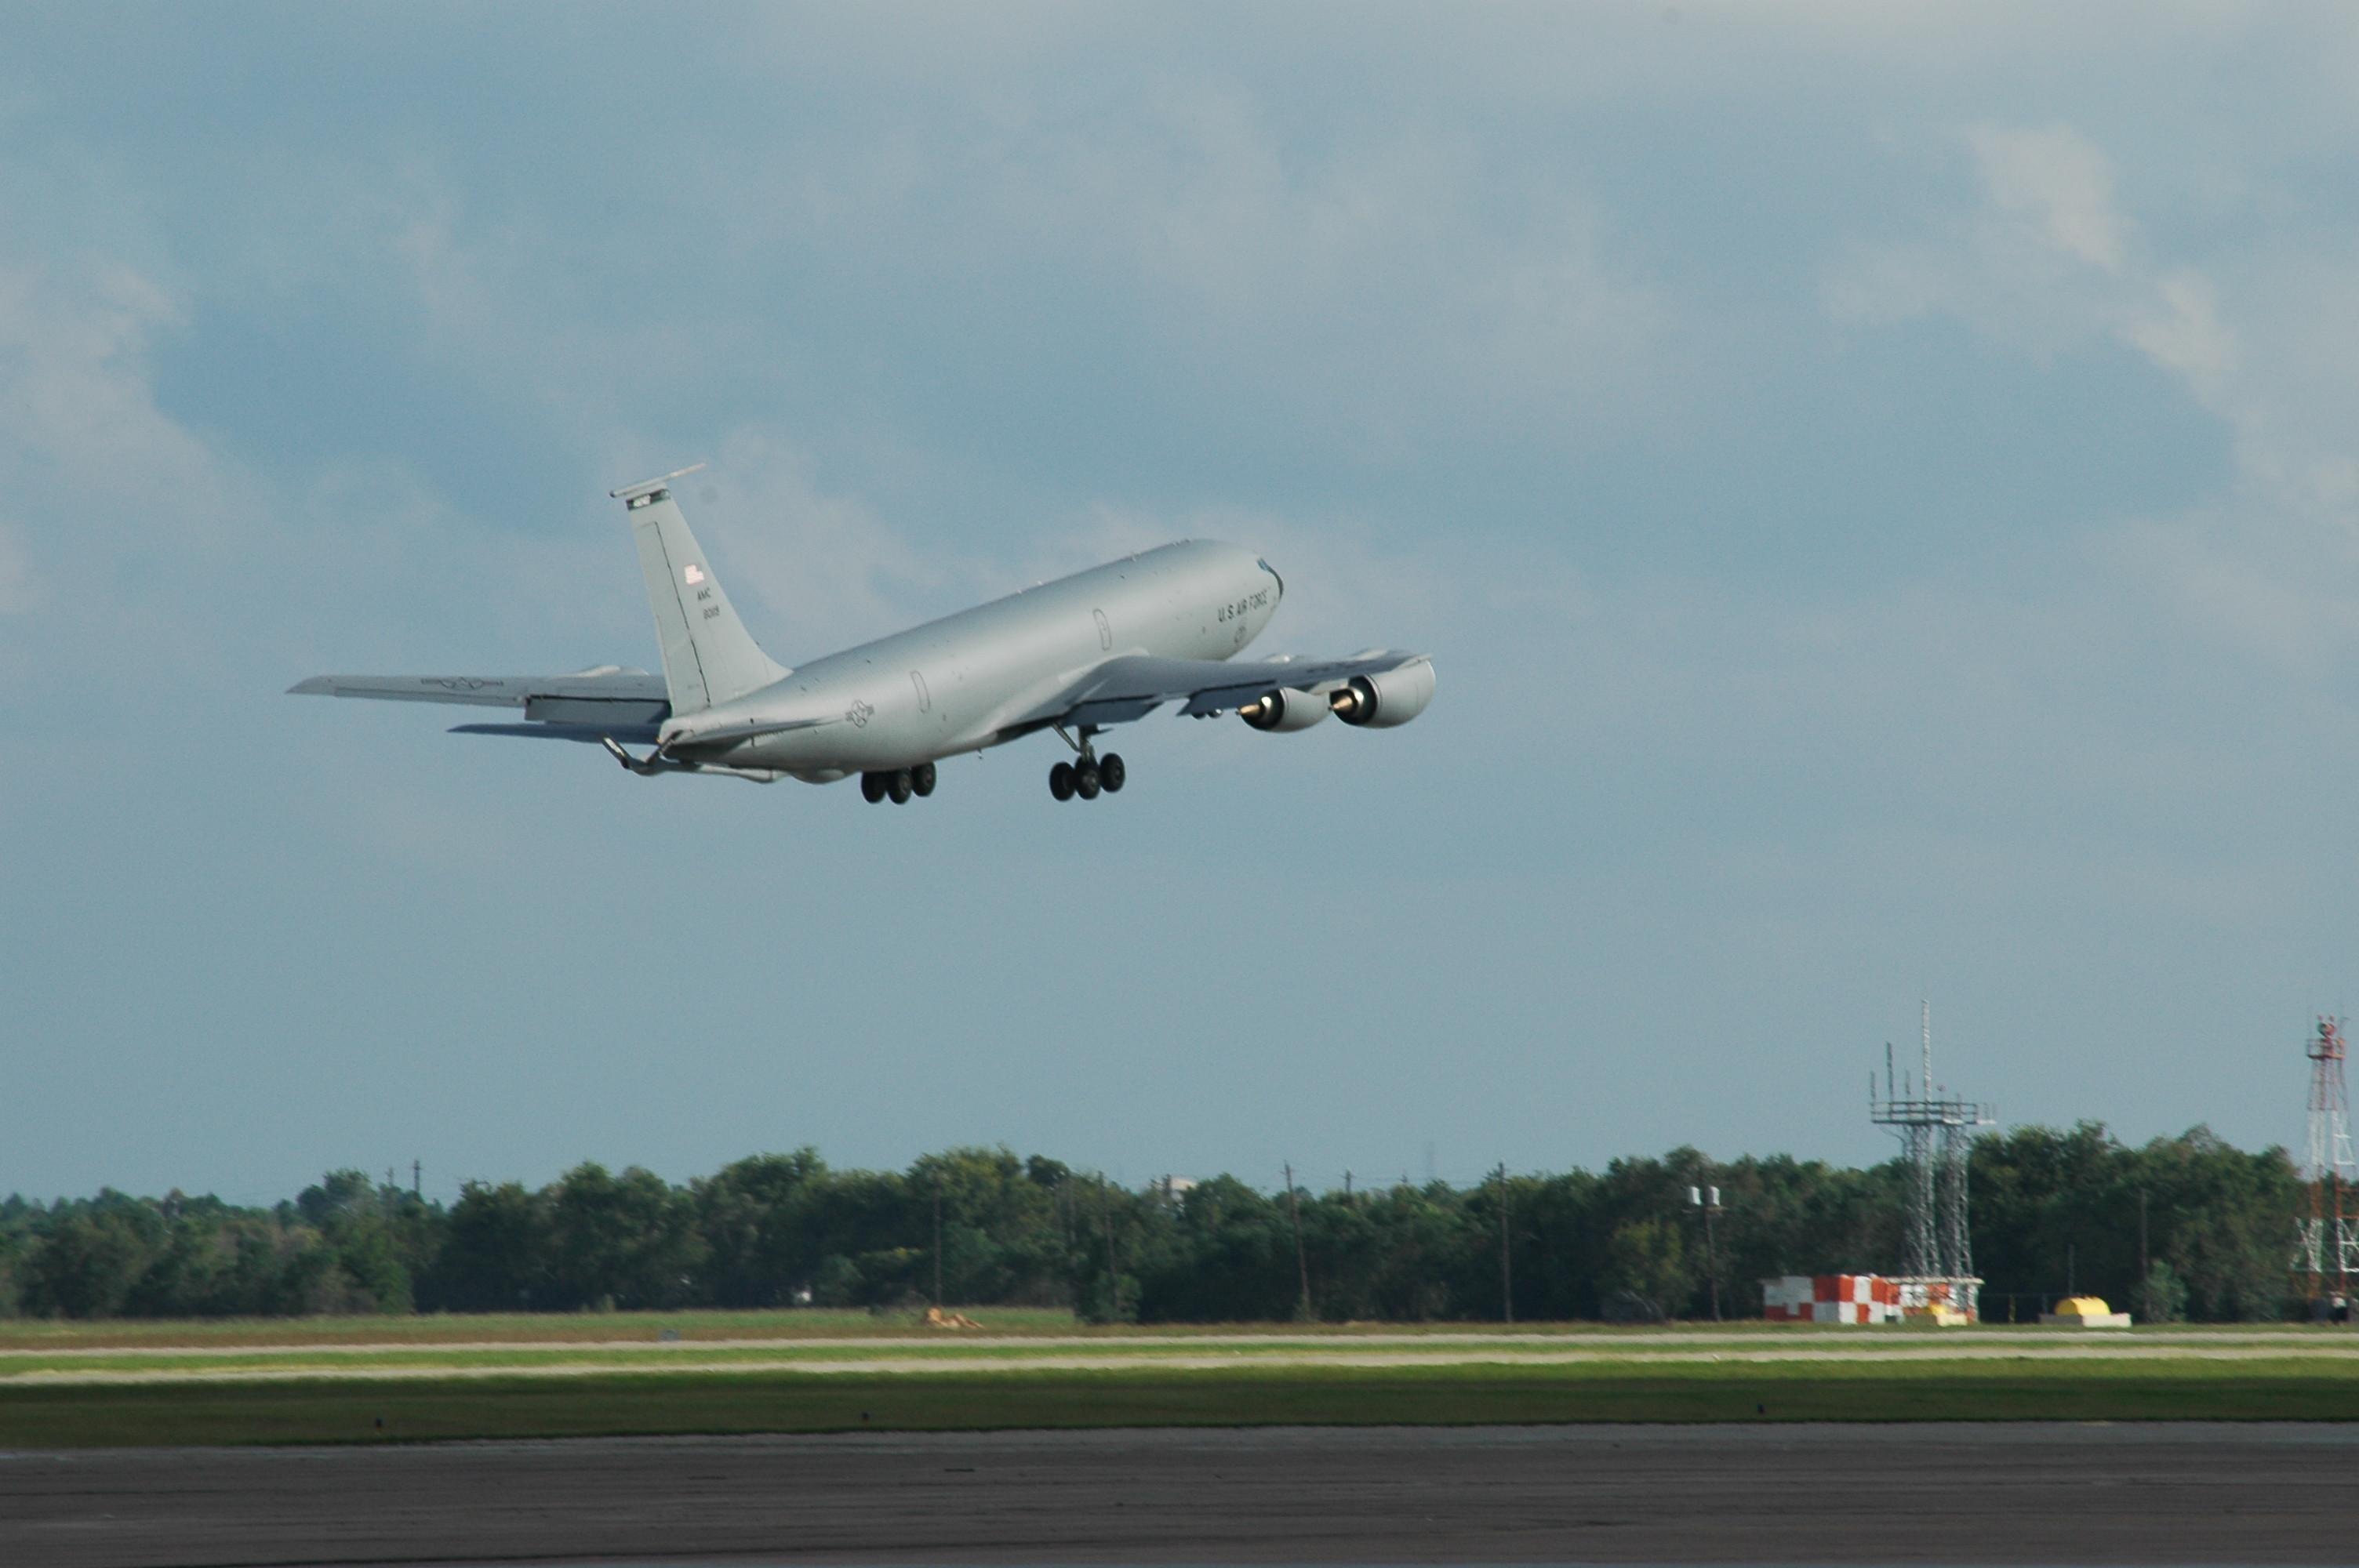 0018 USAF KC135 taking off